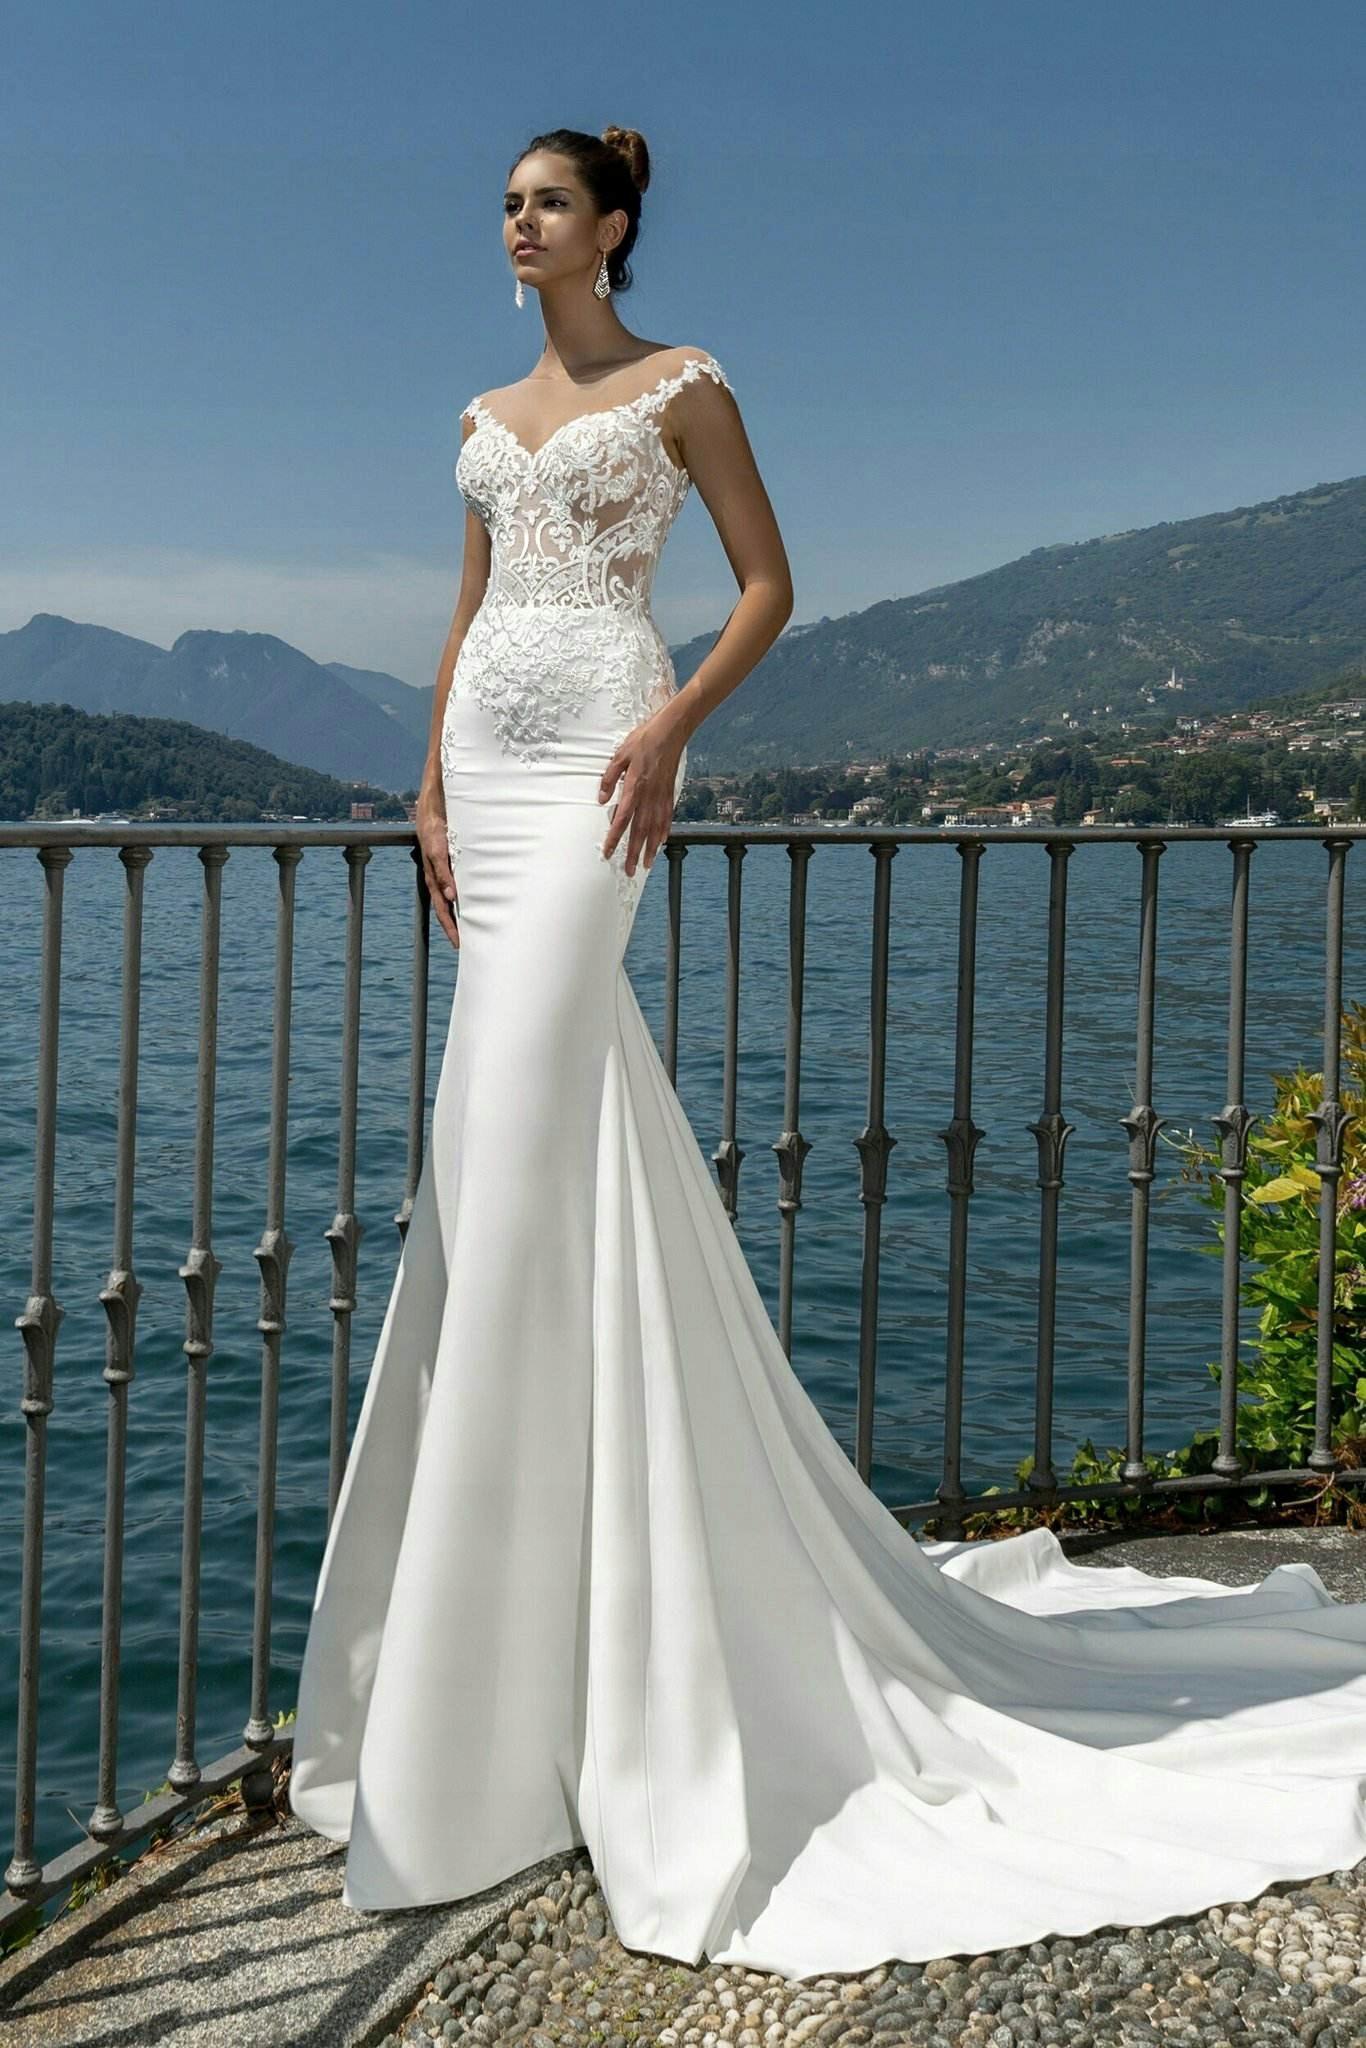 W Mega suknia ślubna syrenka, rozmiar 38 - 7522107995 - oficjalne EM89